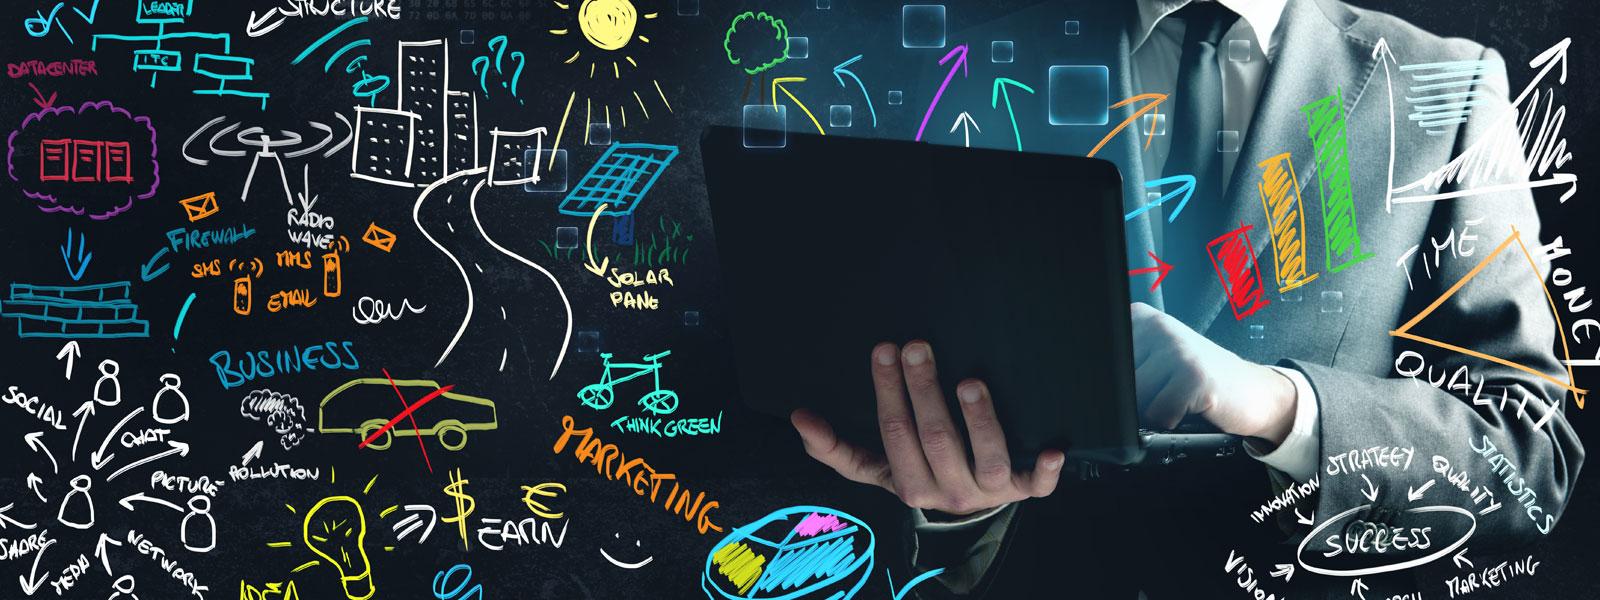 Online Web Services, Inc.